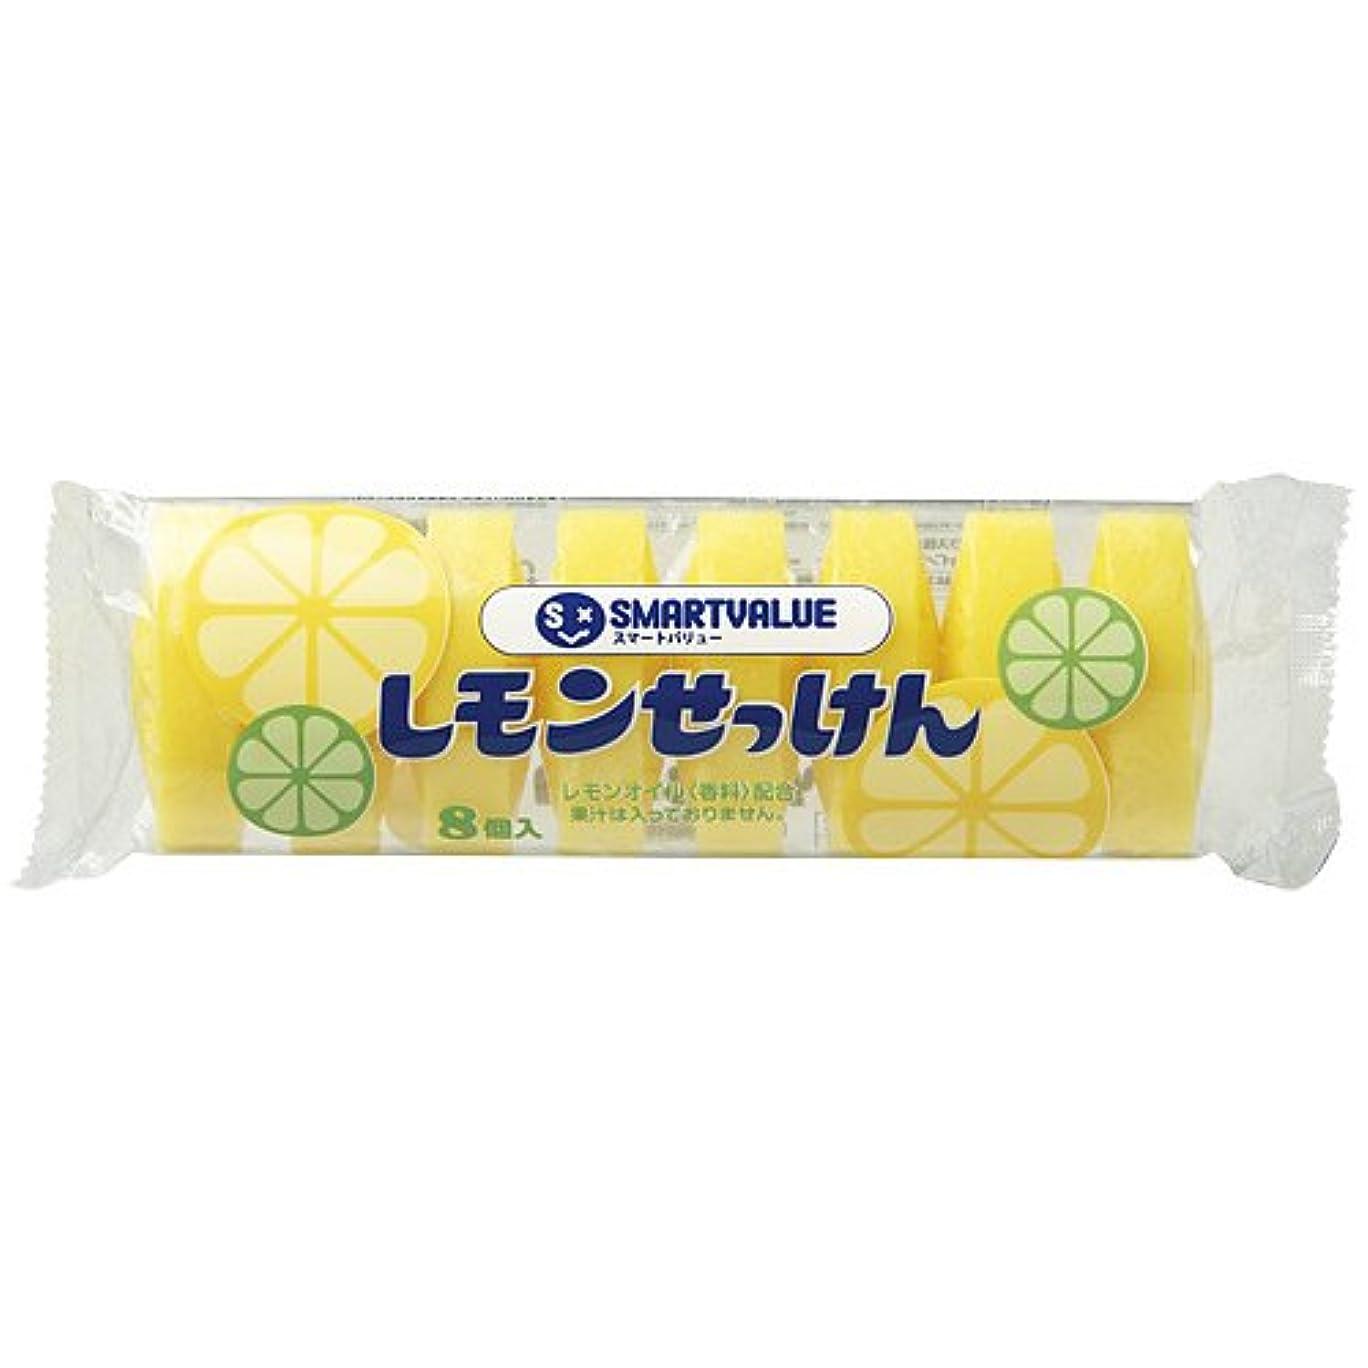 ポットのれん欠伸JTX レモン石けん8個入 N112J